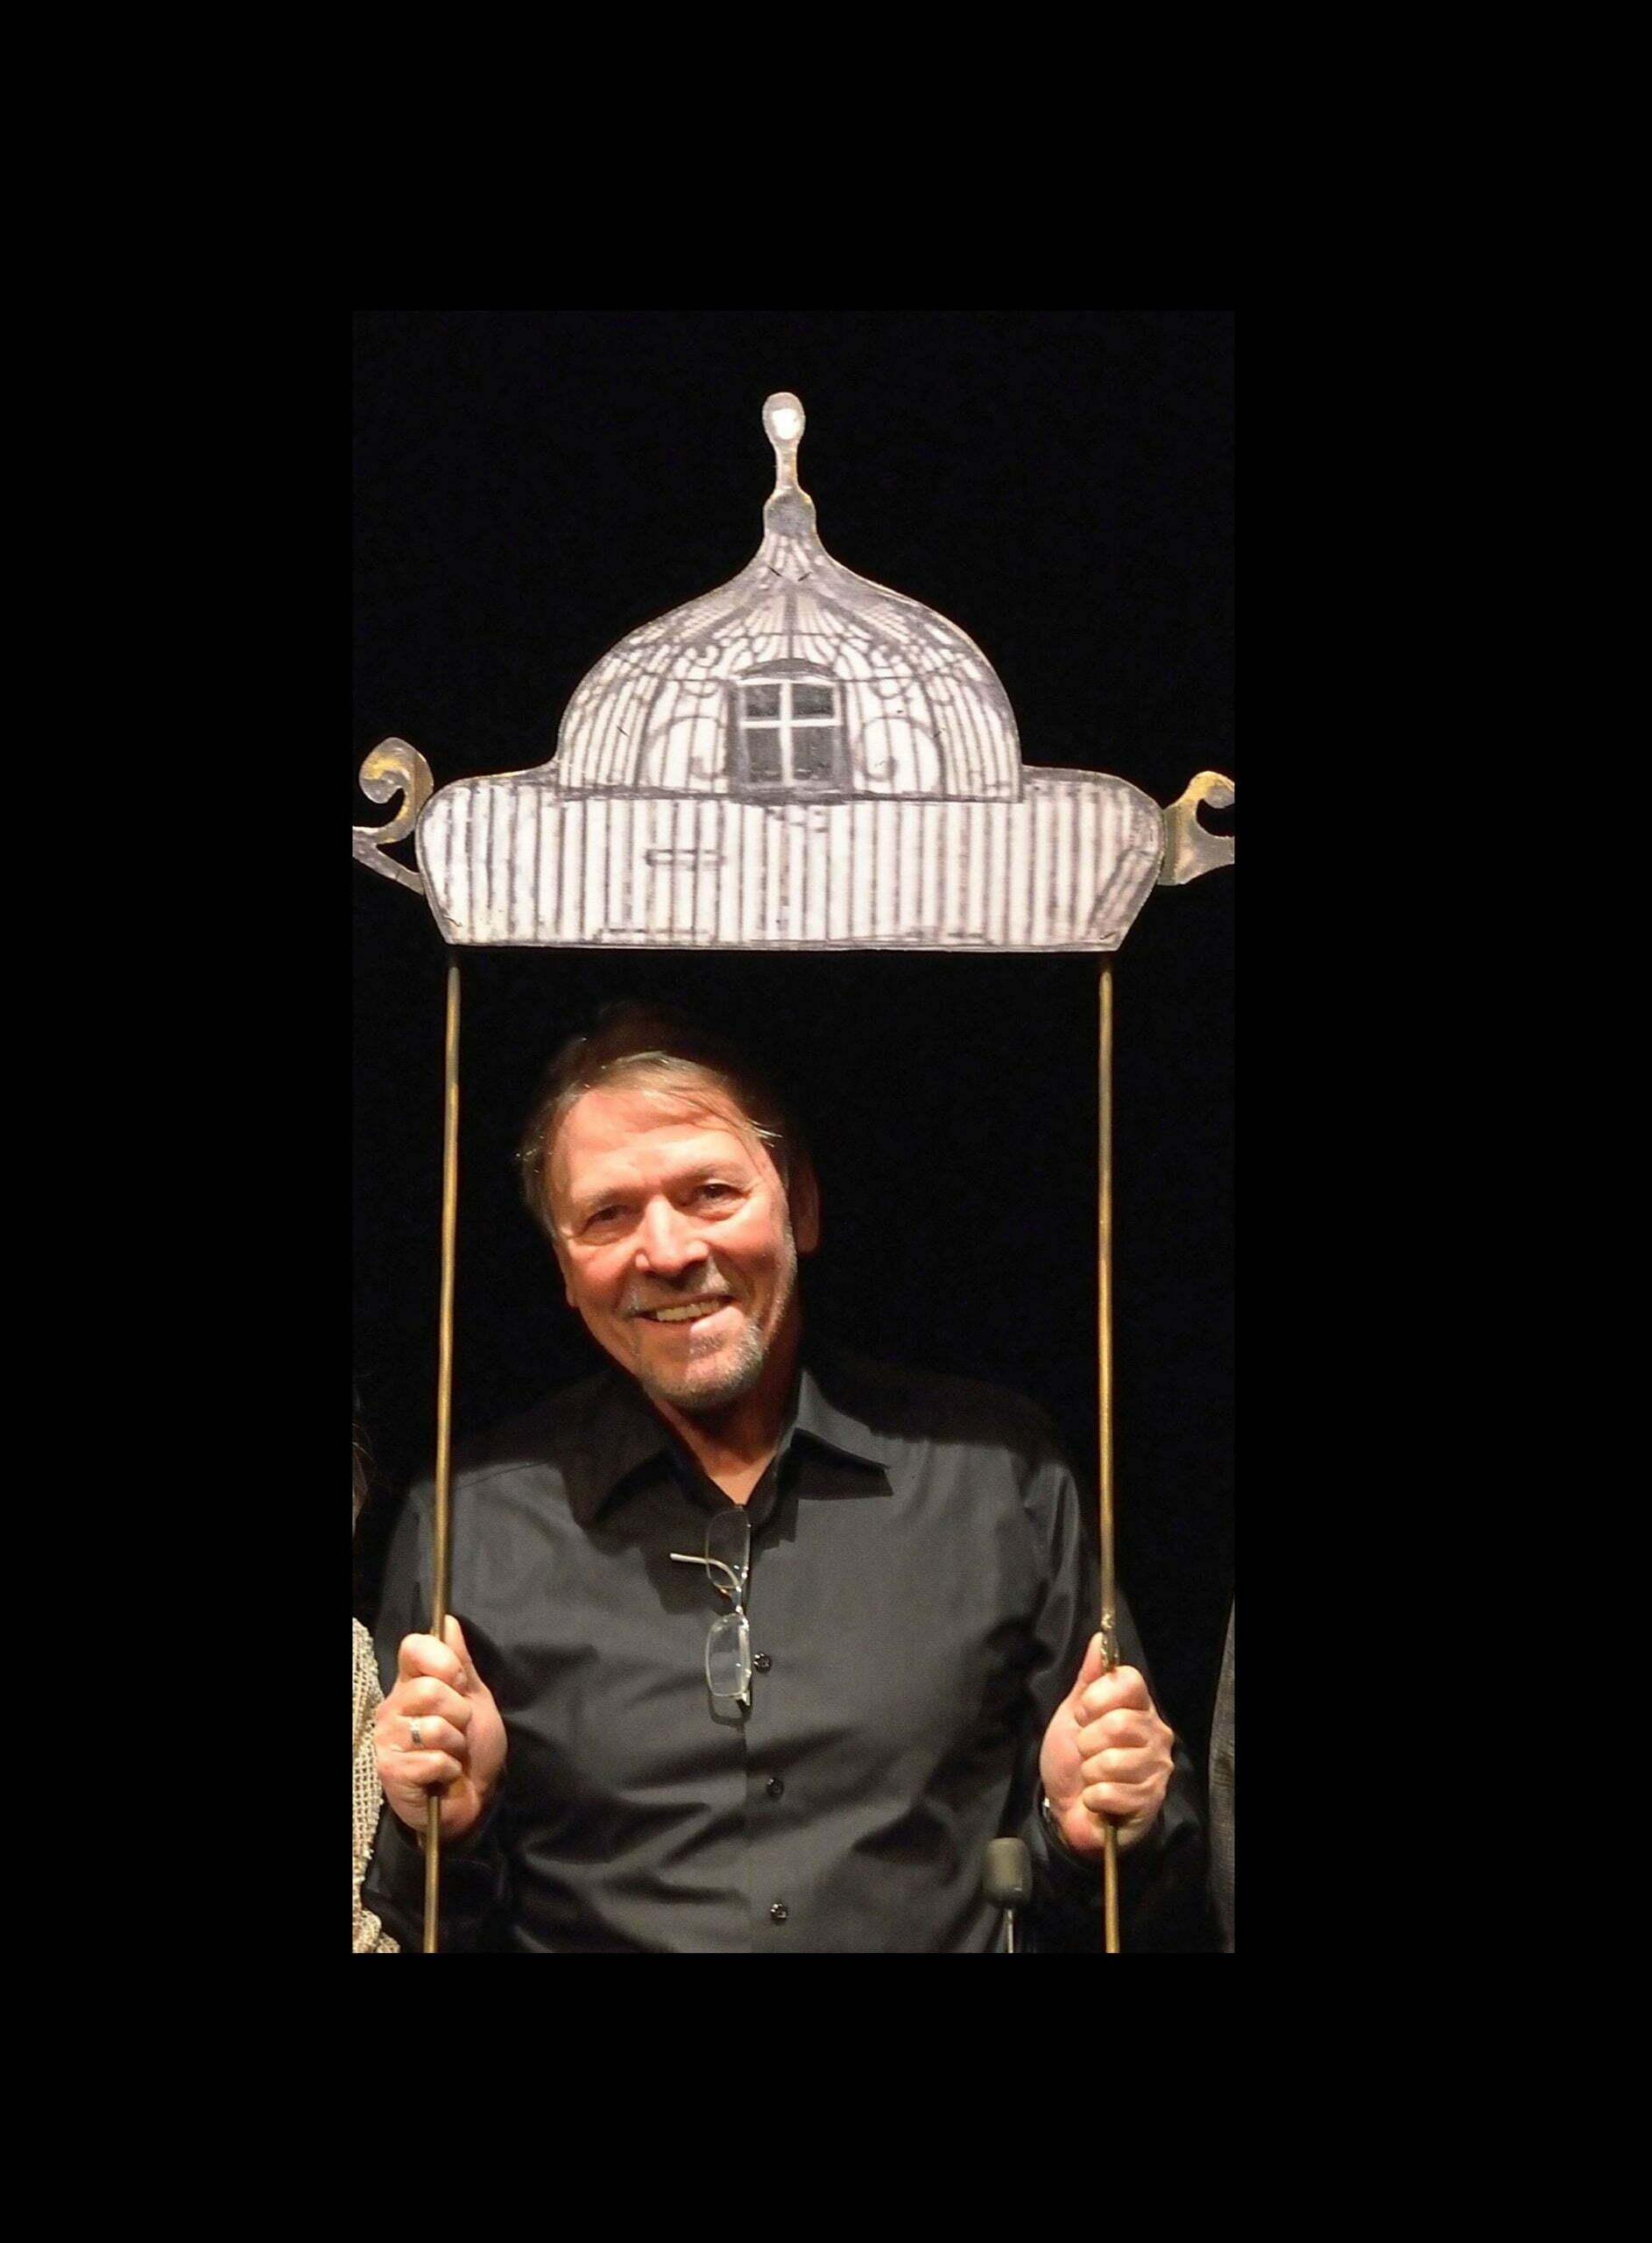 Zdjęcie Janusza Ryla-Krystianowskiego. Uśmiechnięty mężczyzna stoi na czarnym tle i trzyma nad sobą dach - element scenografii.